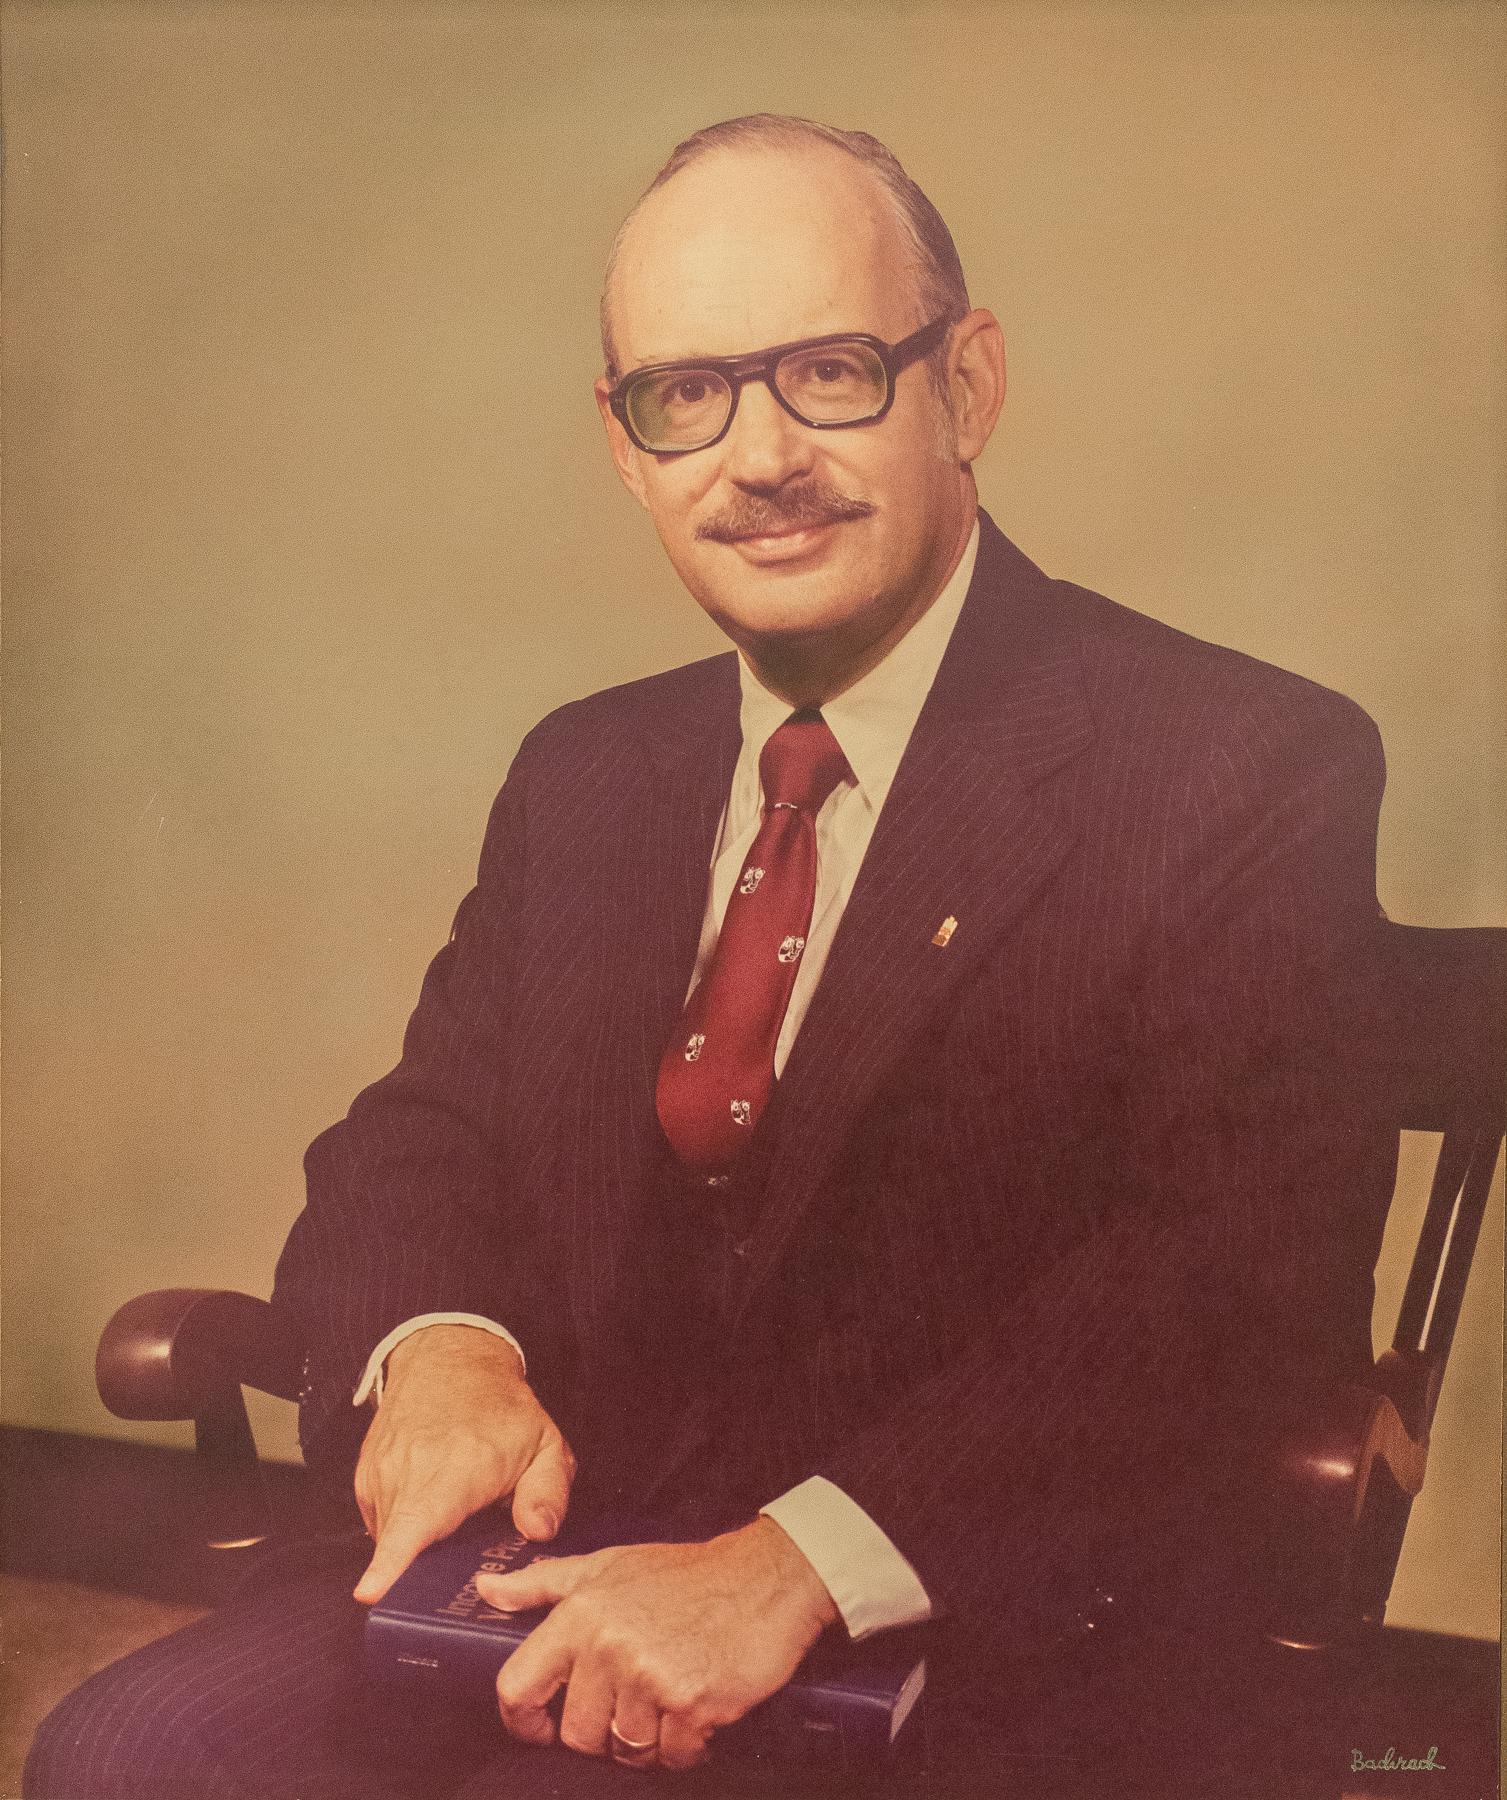 William (Bill) Kinnard. Interim Dean 1973-1974.